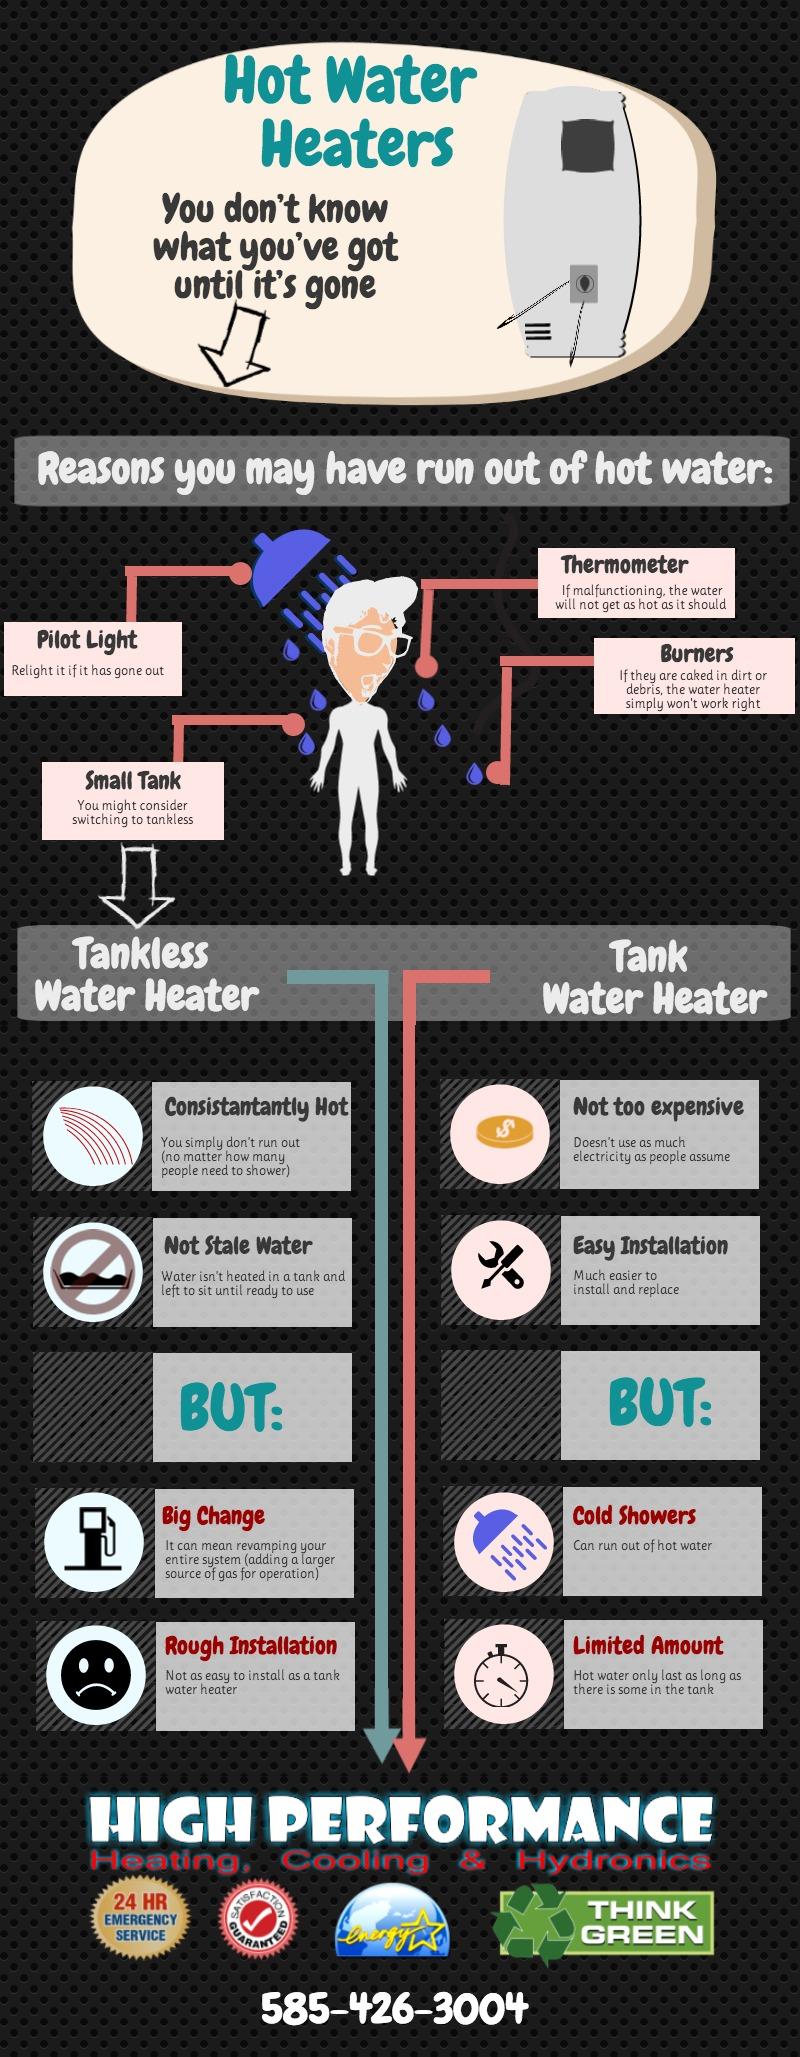 2014_03_highperformance_Hot Water Heater